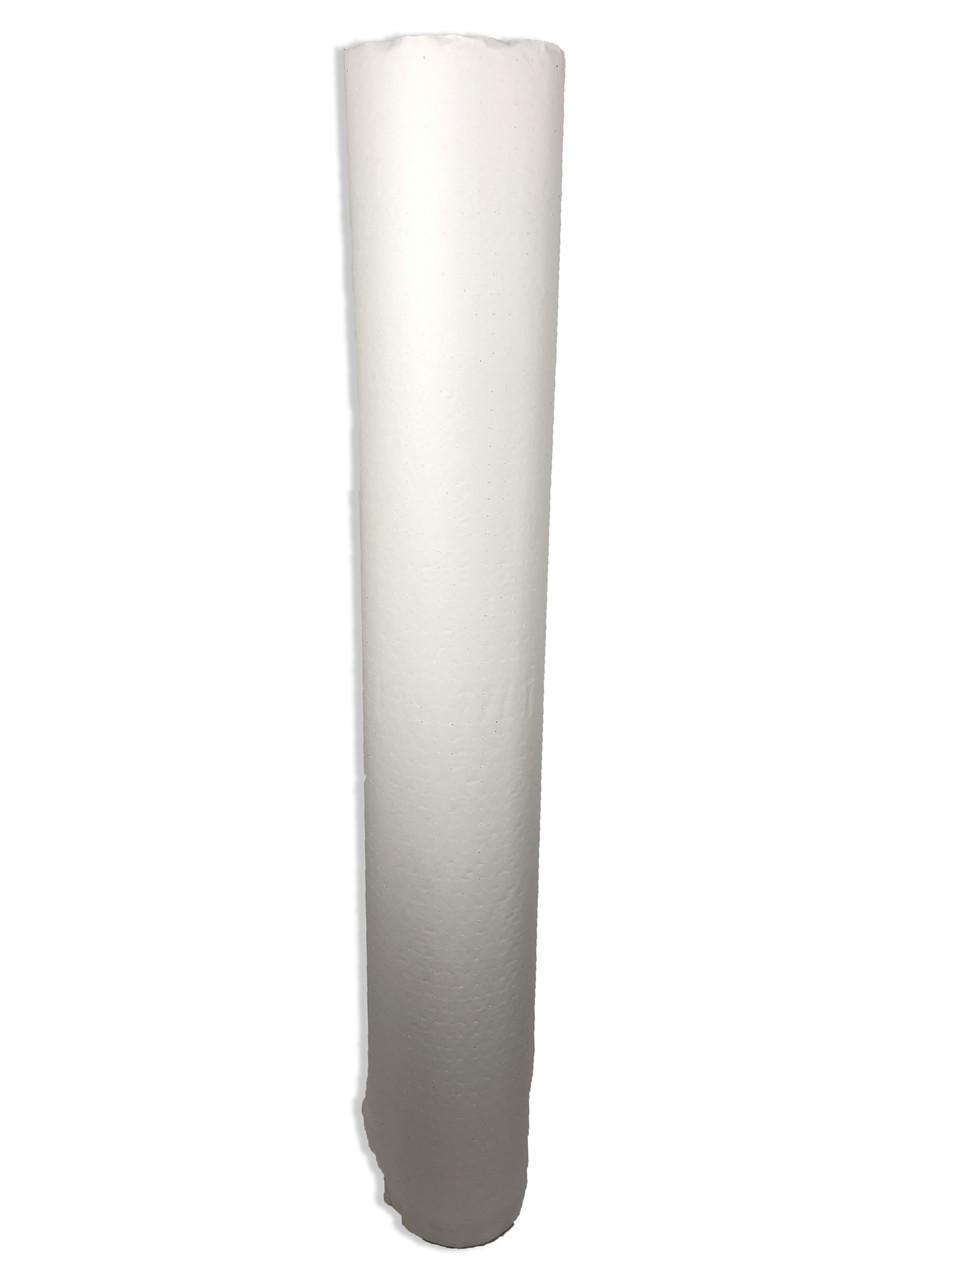 Клеевая бумага для плоттера Италия, 154 см / 62г рулон 30 кг